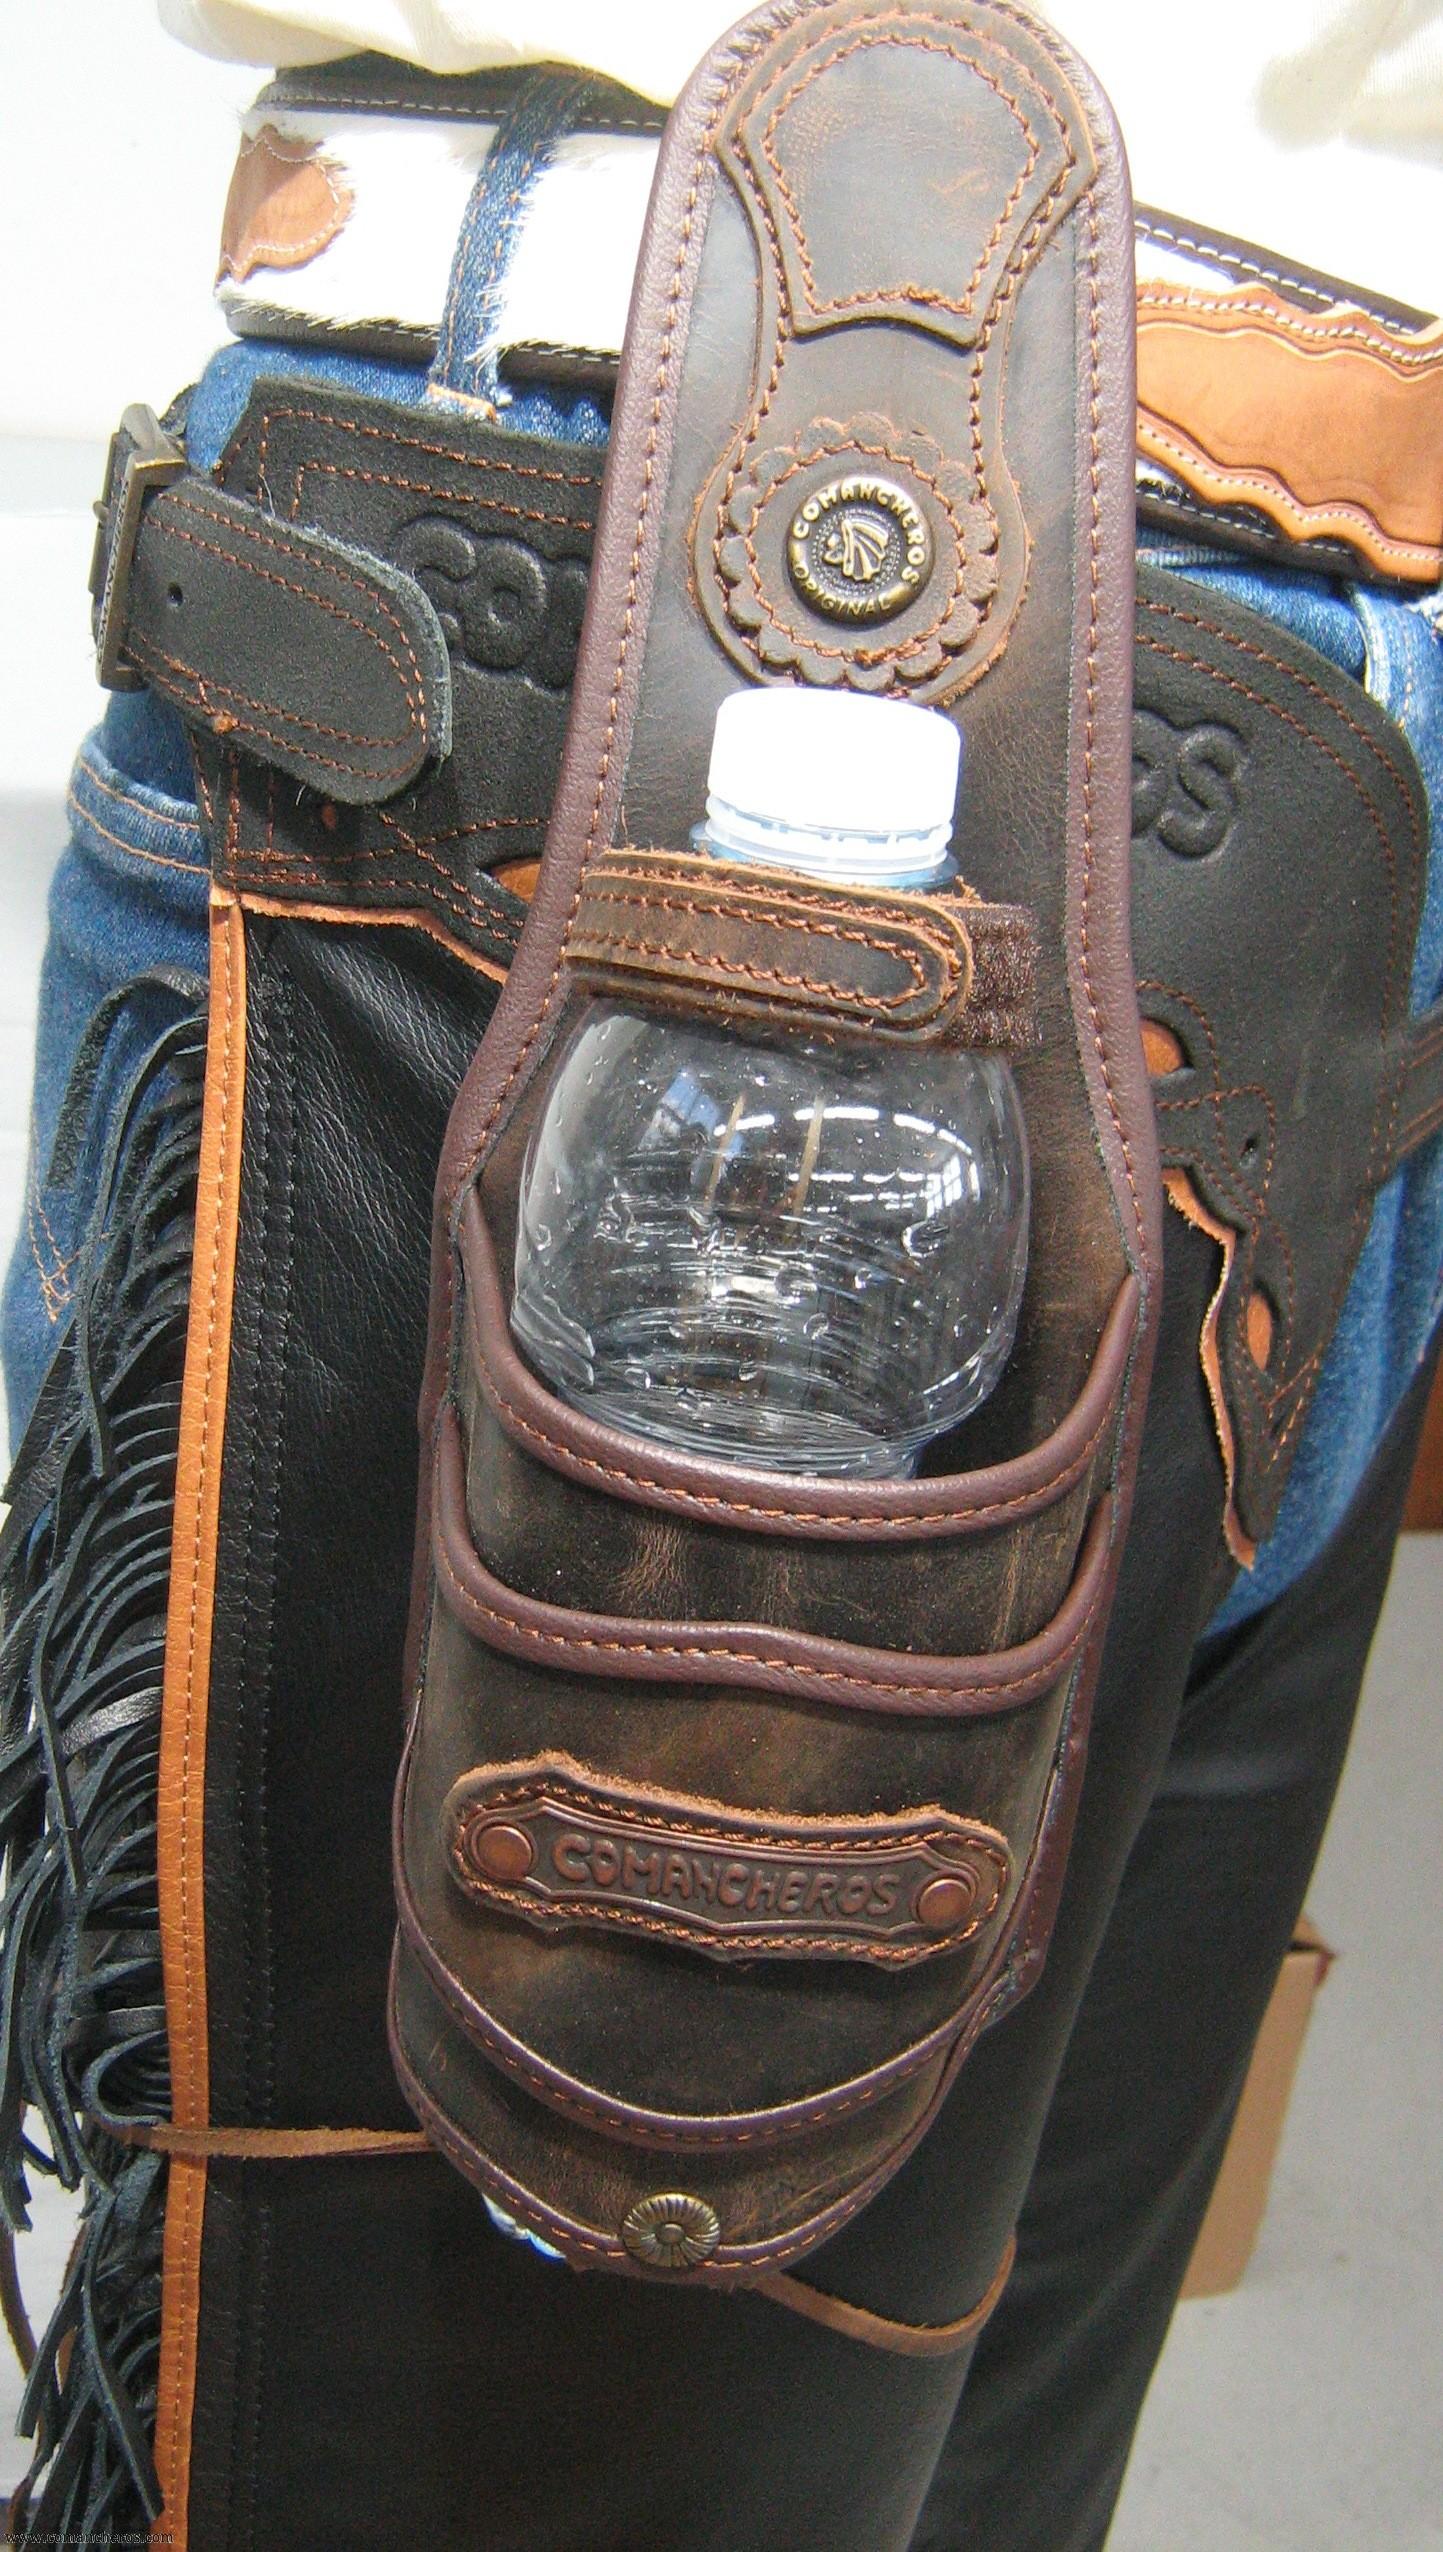 Bottle Holder For Saddle And Belt Made Waterprrof Leather